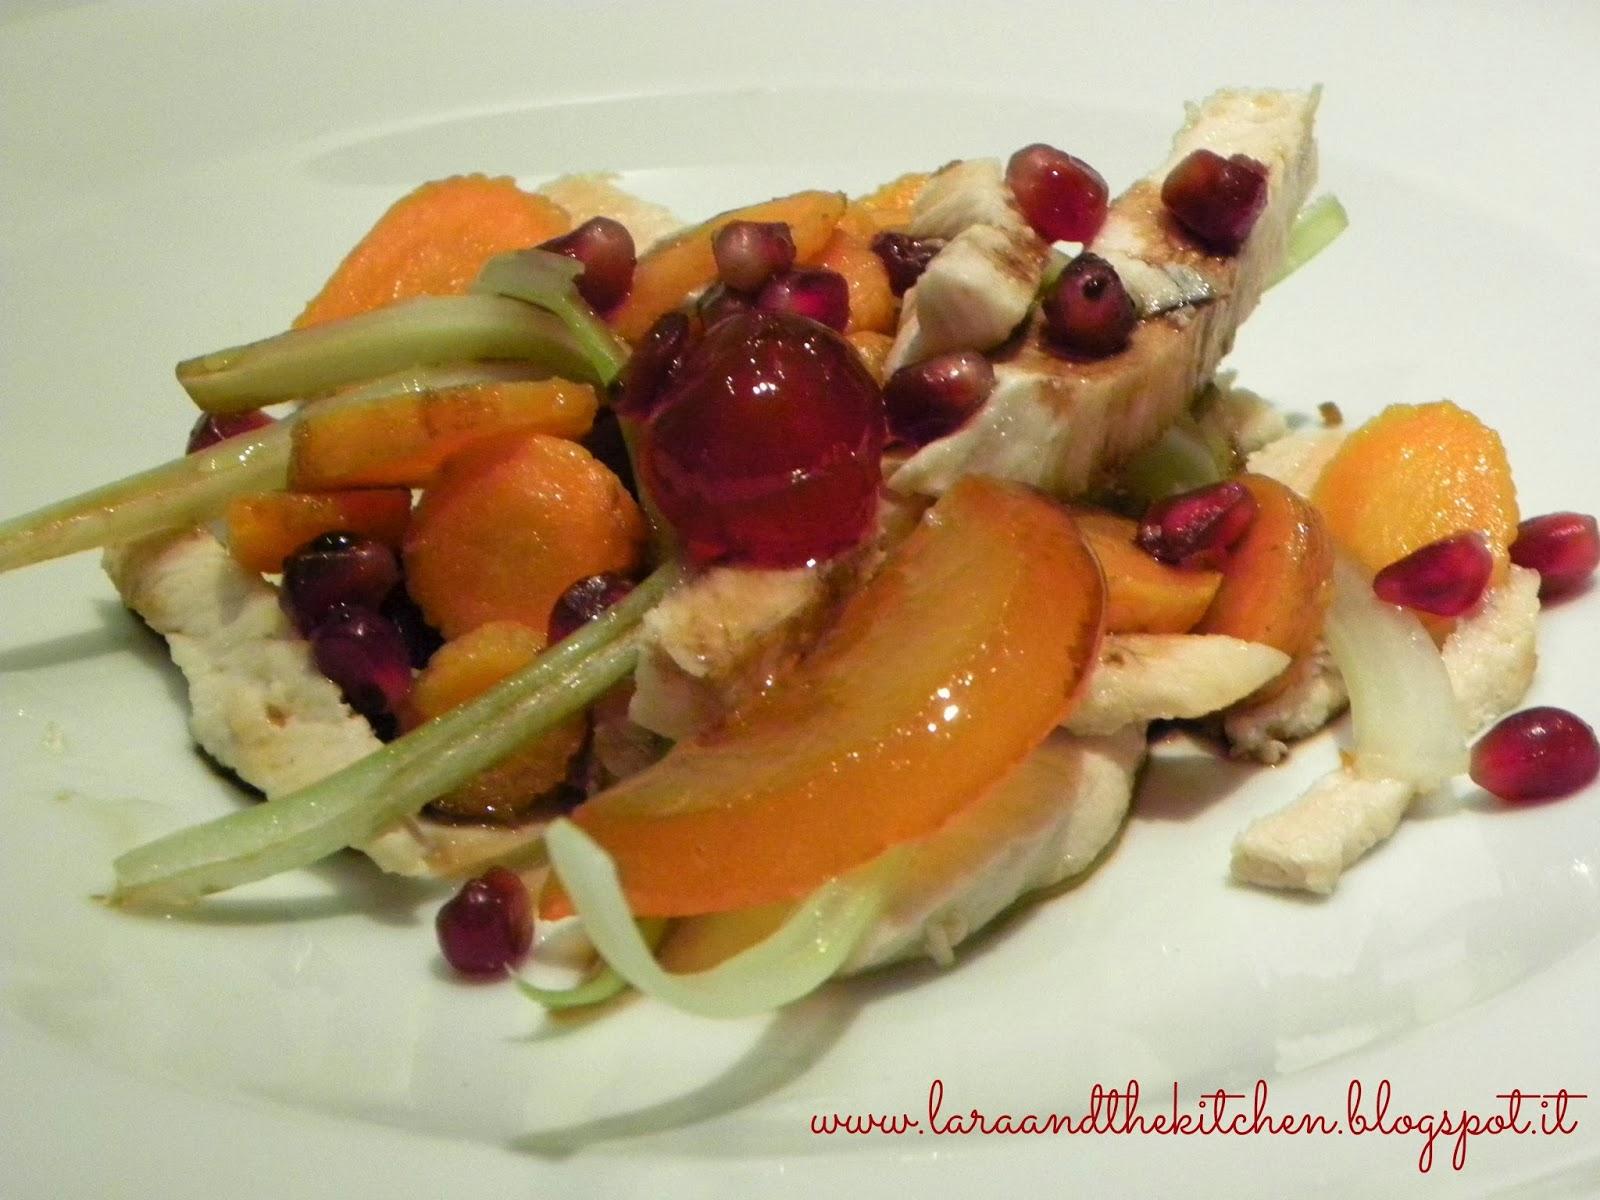 insalata di pollo, melograno e aceto balsamico di modena igp